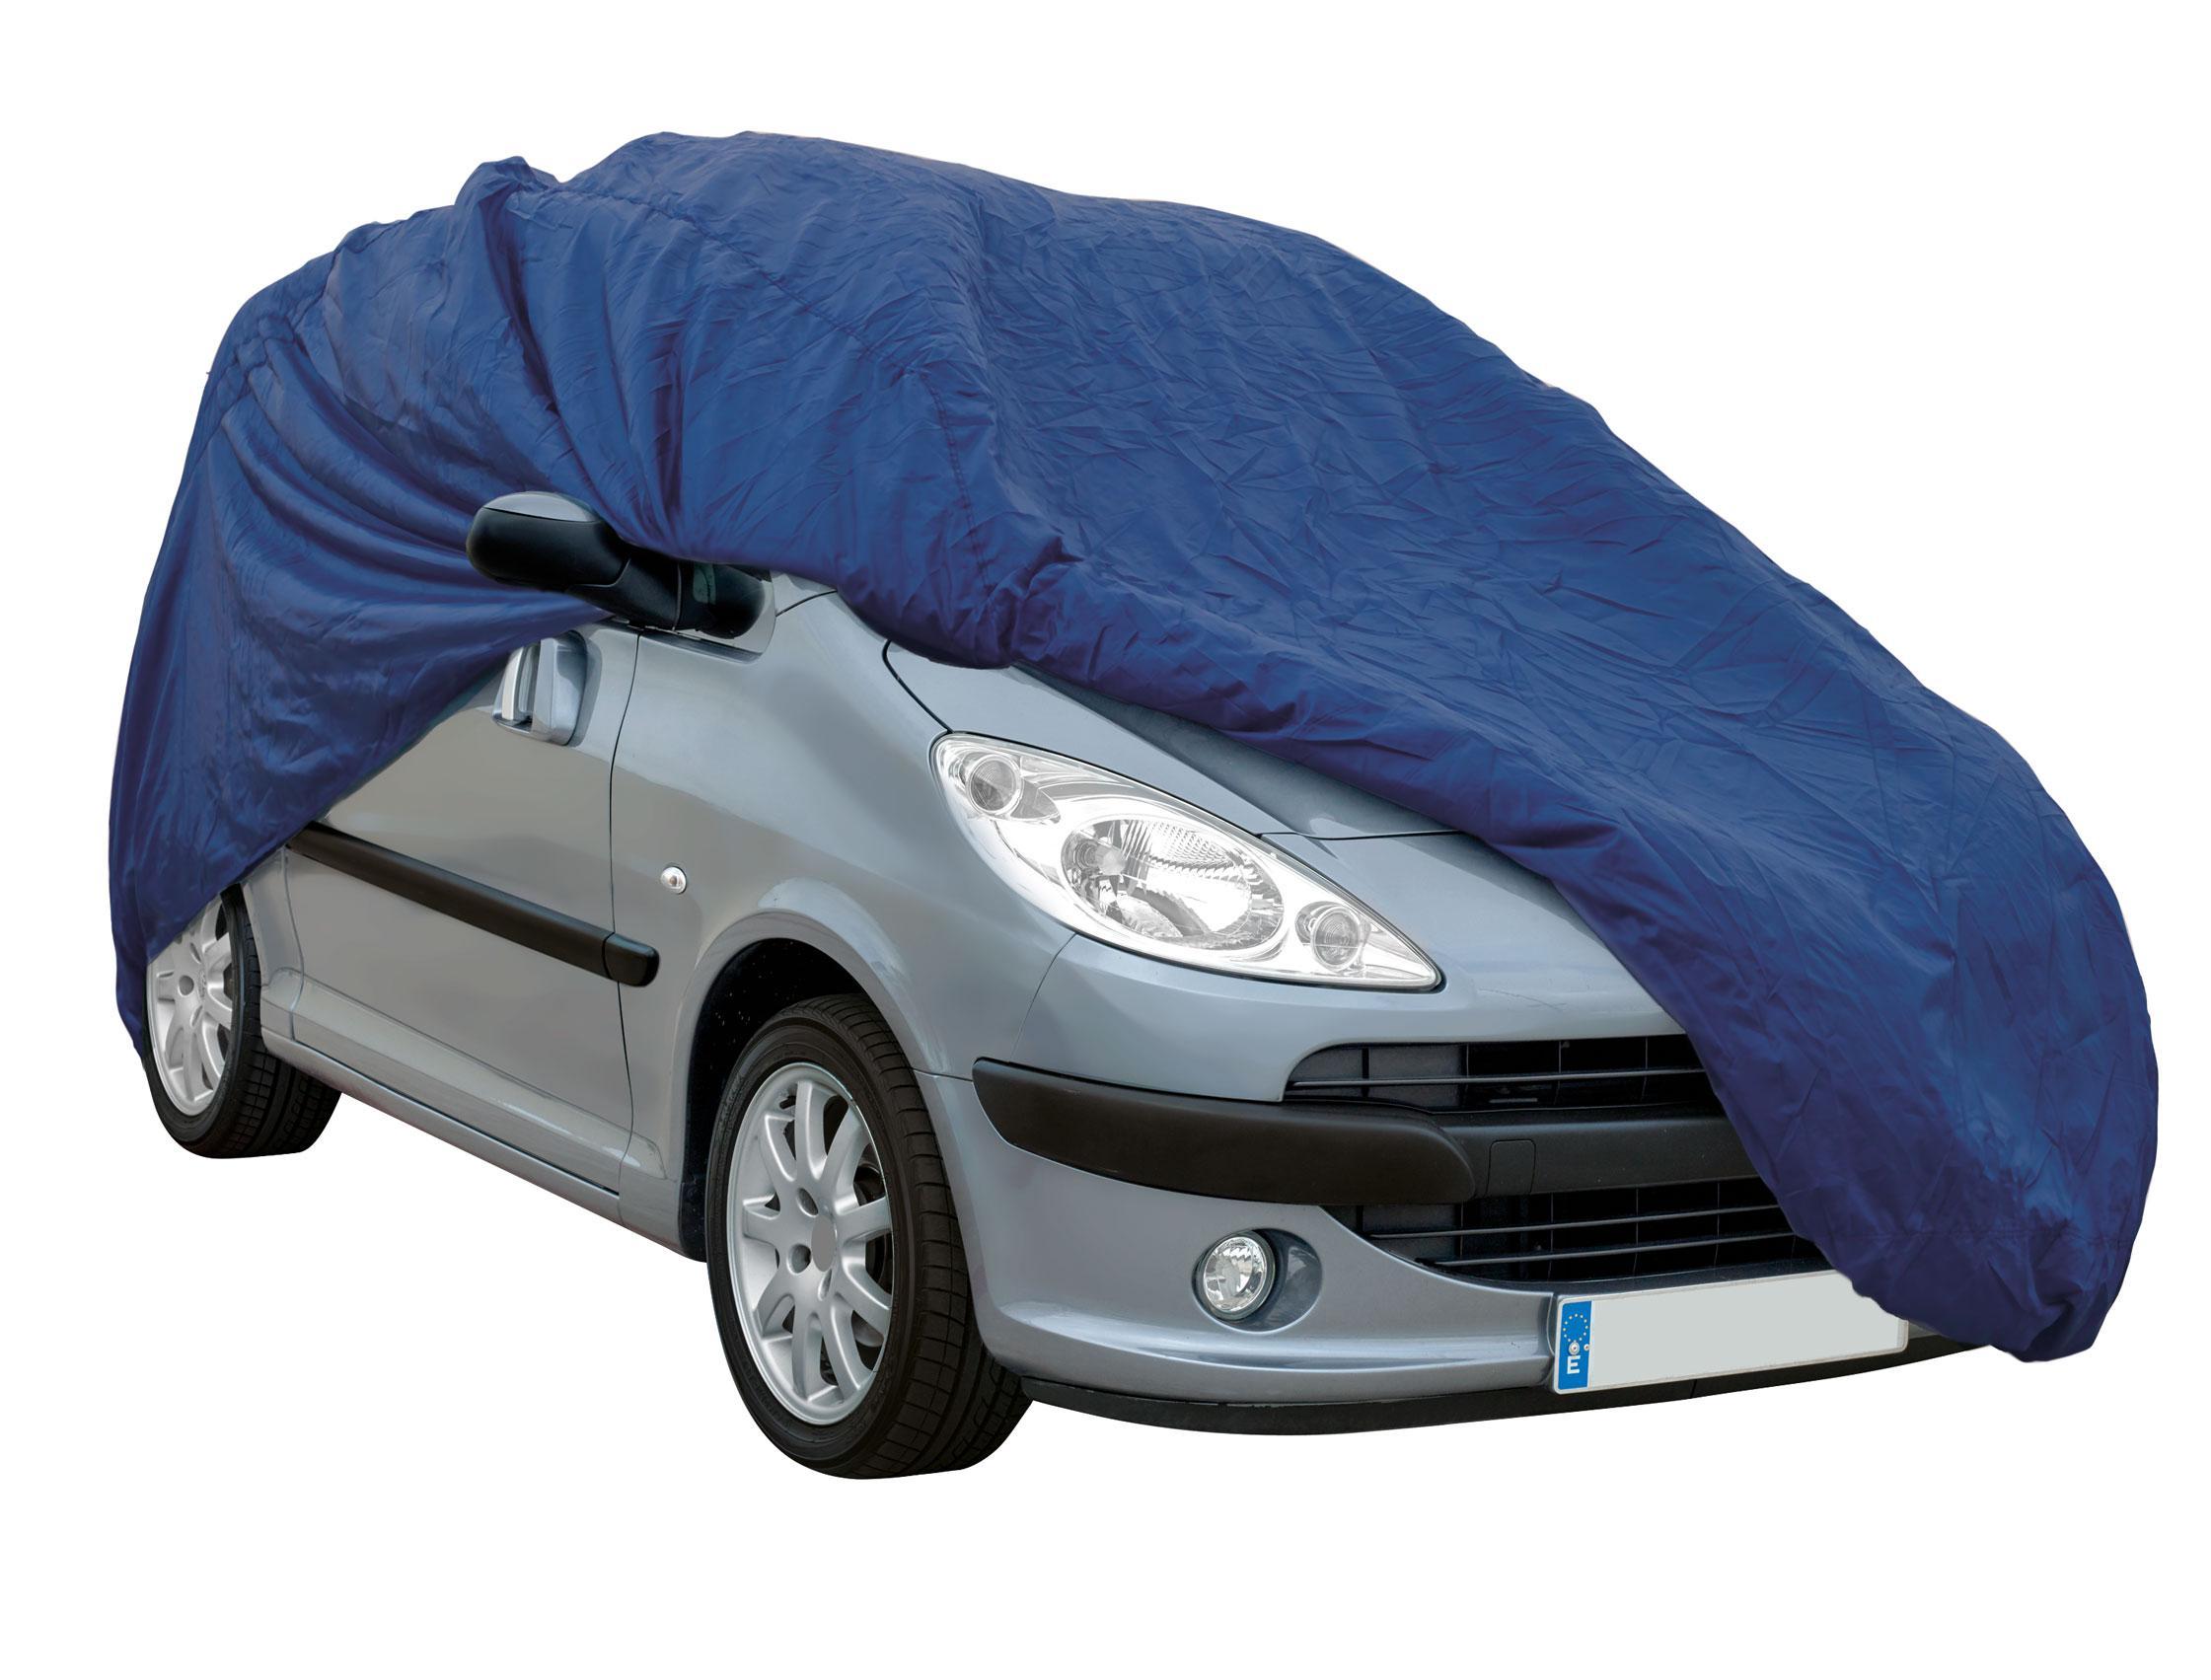 Housses de protection adnauto housse de voiture ta 275506 for Housse protection voiture